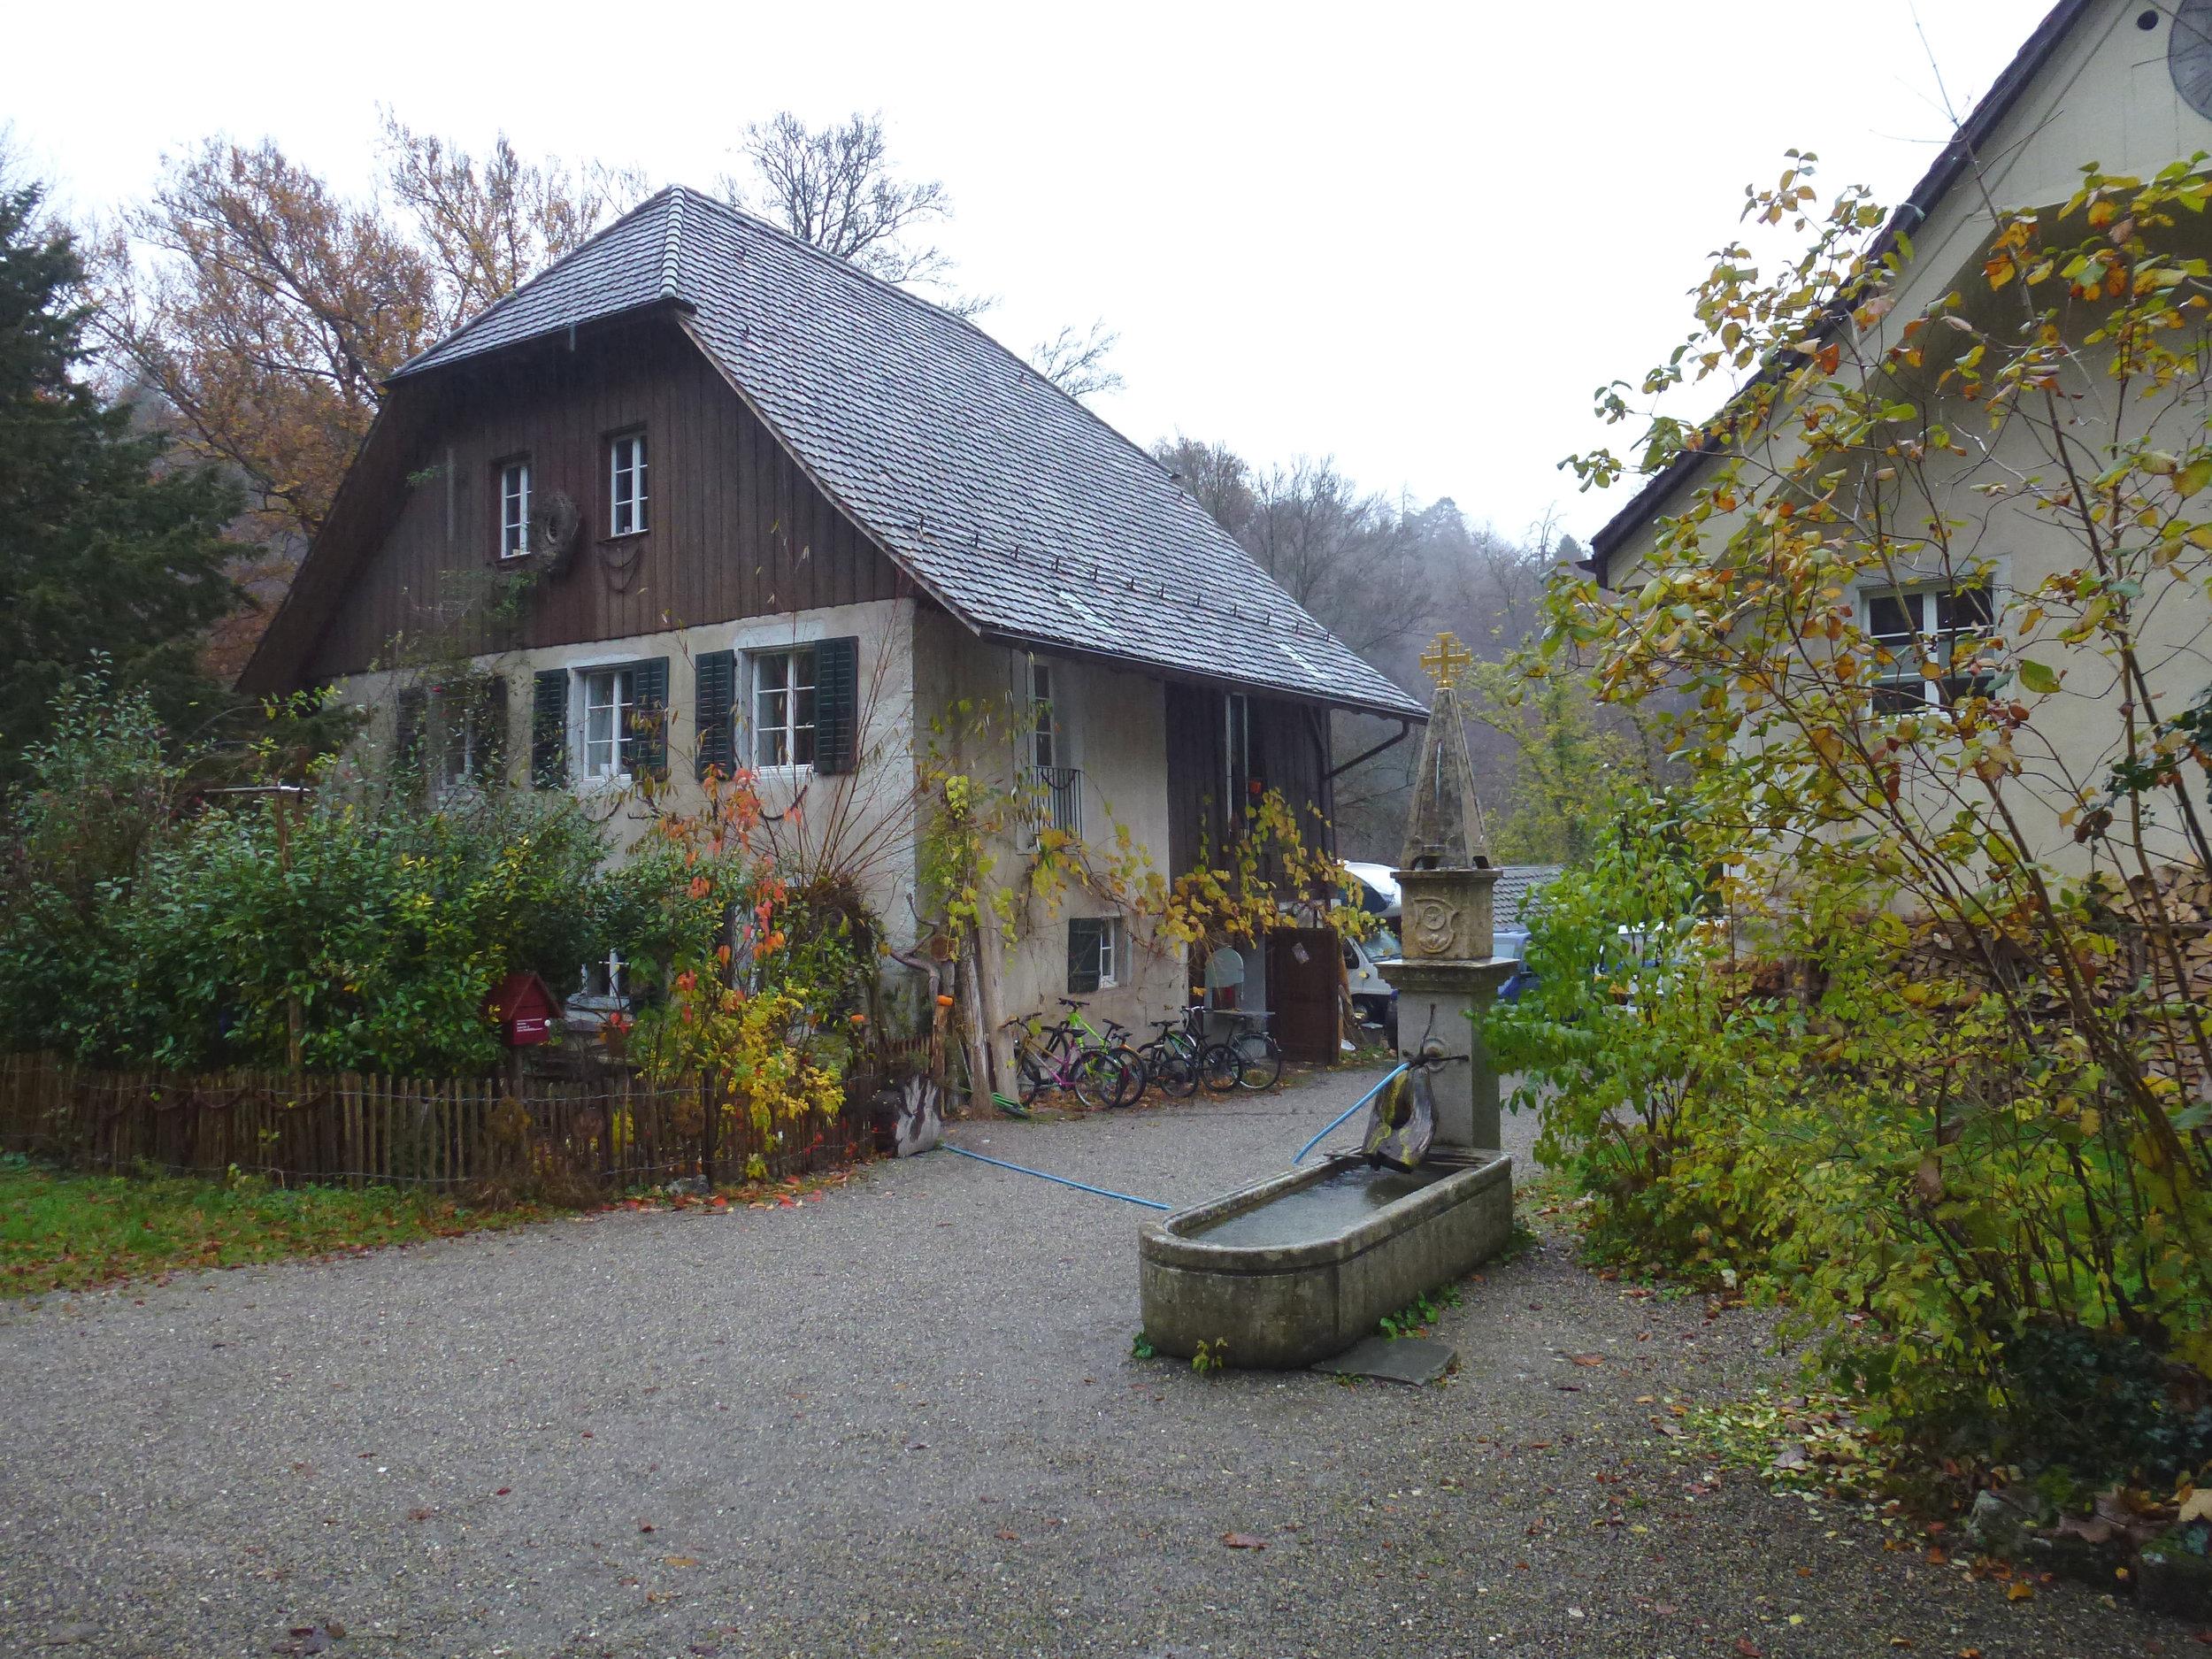 Le site de Kreuzen, un lieu hors du temps